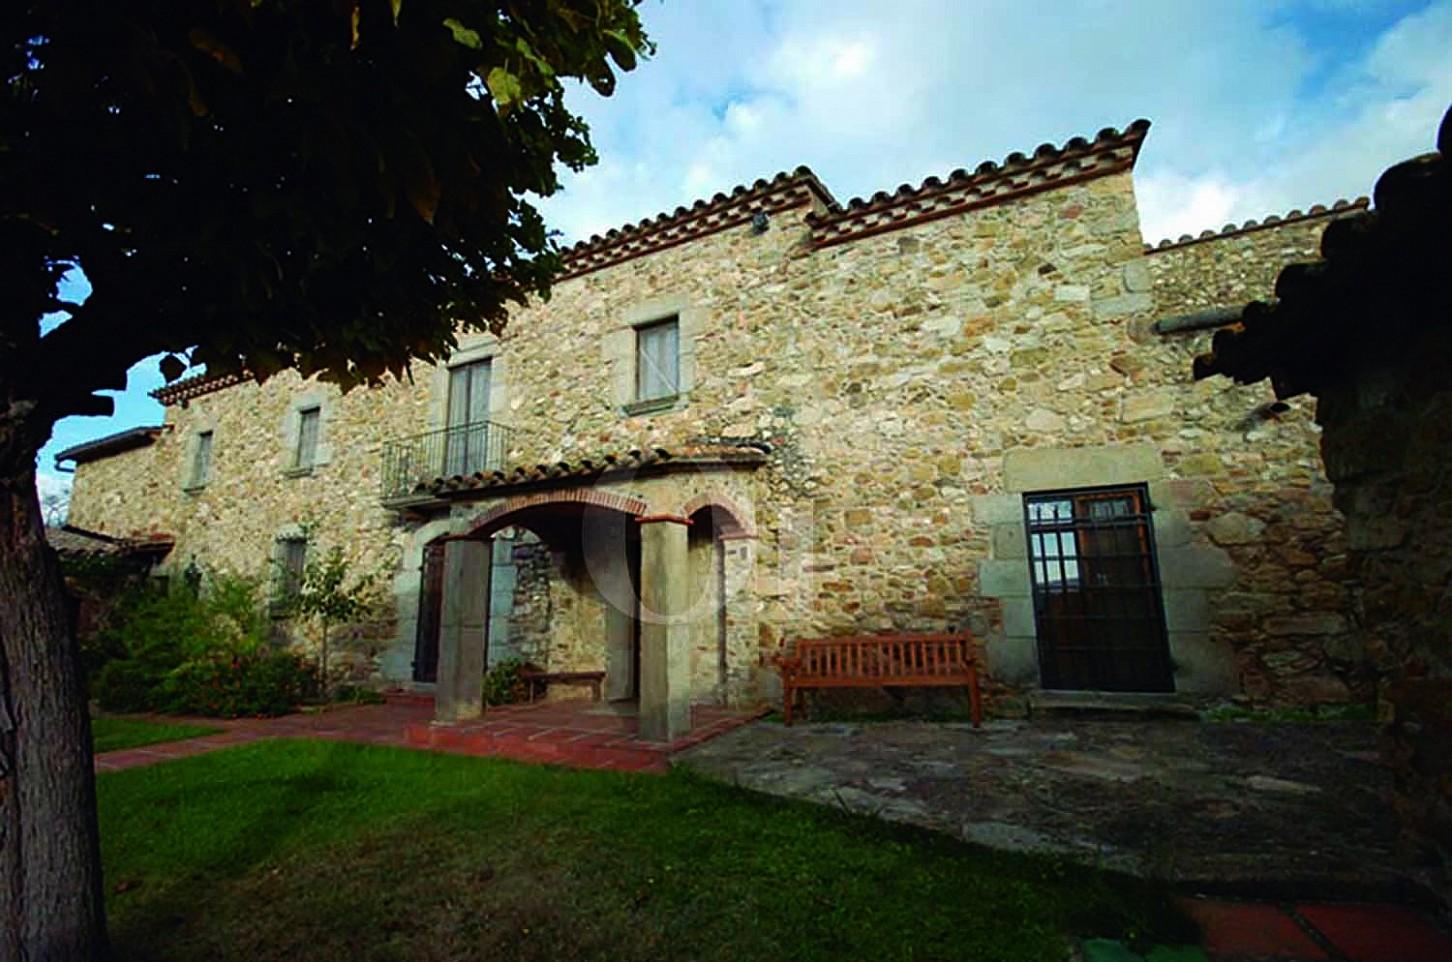 Façade de la maison en vente à Calonge, Costa Brava, Gerona